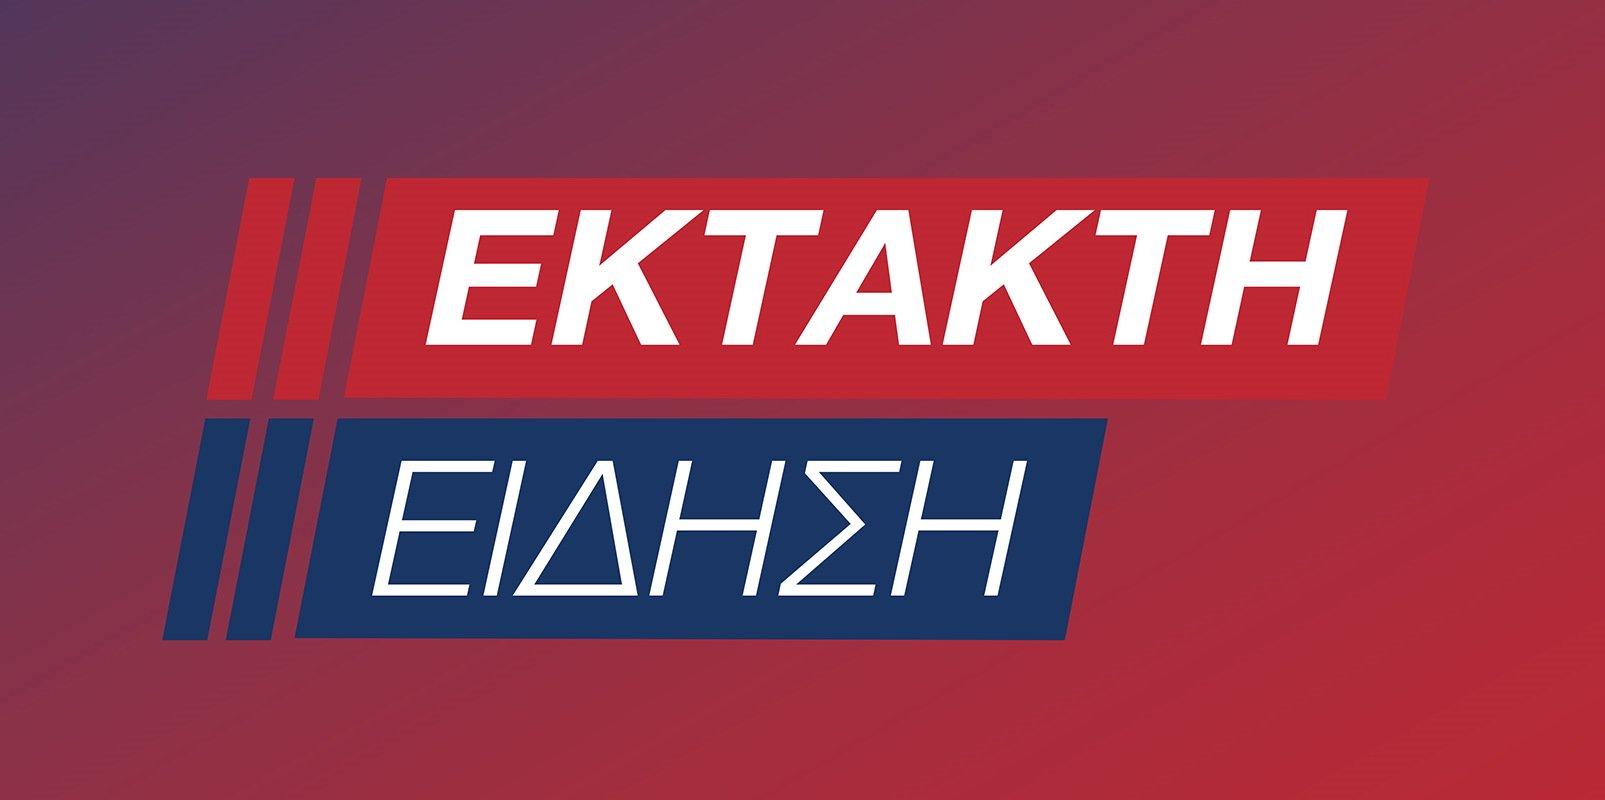 Δημοσκόπηση – χαστούκι στην Κυβέρνηση: Ο κόσμος θέλει πρώτο κόμμα την ΝΔ αλλά όχι τον Μητσοτακη